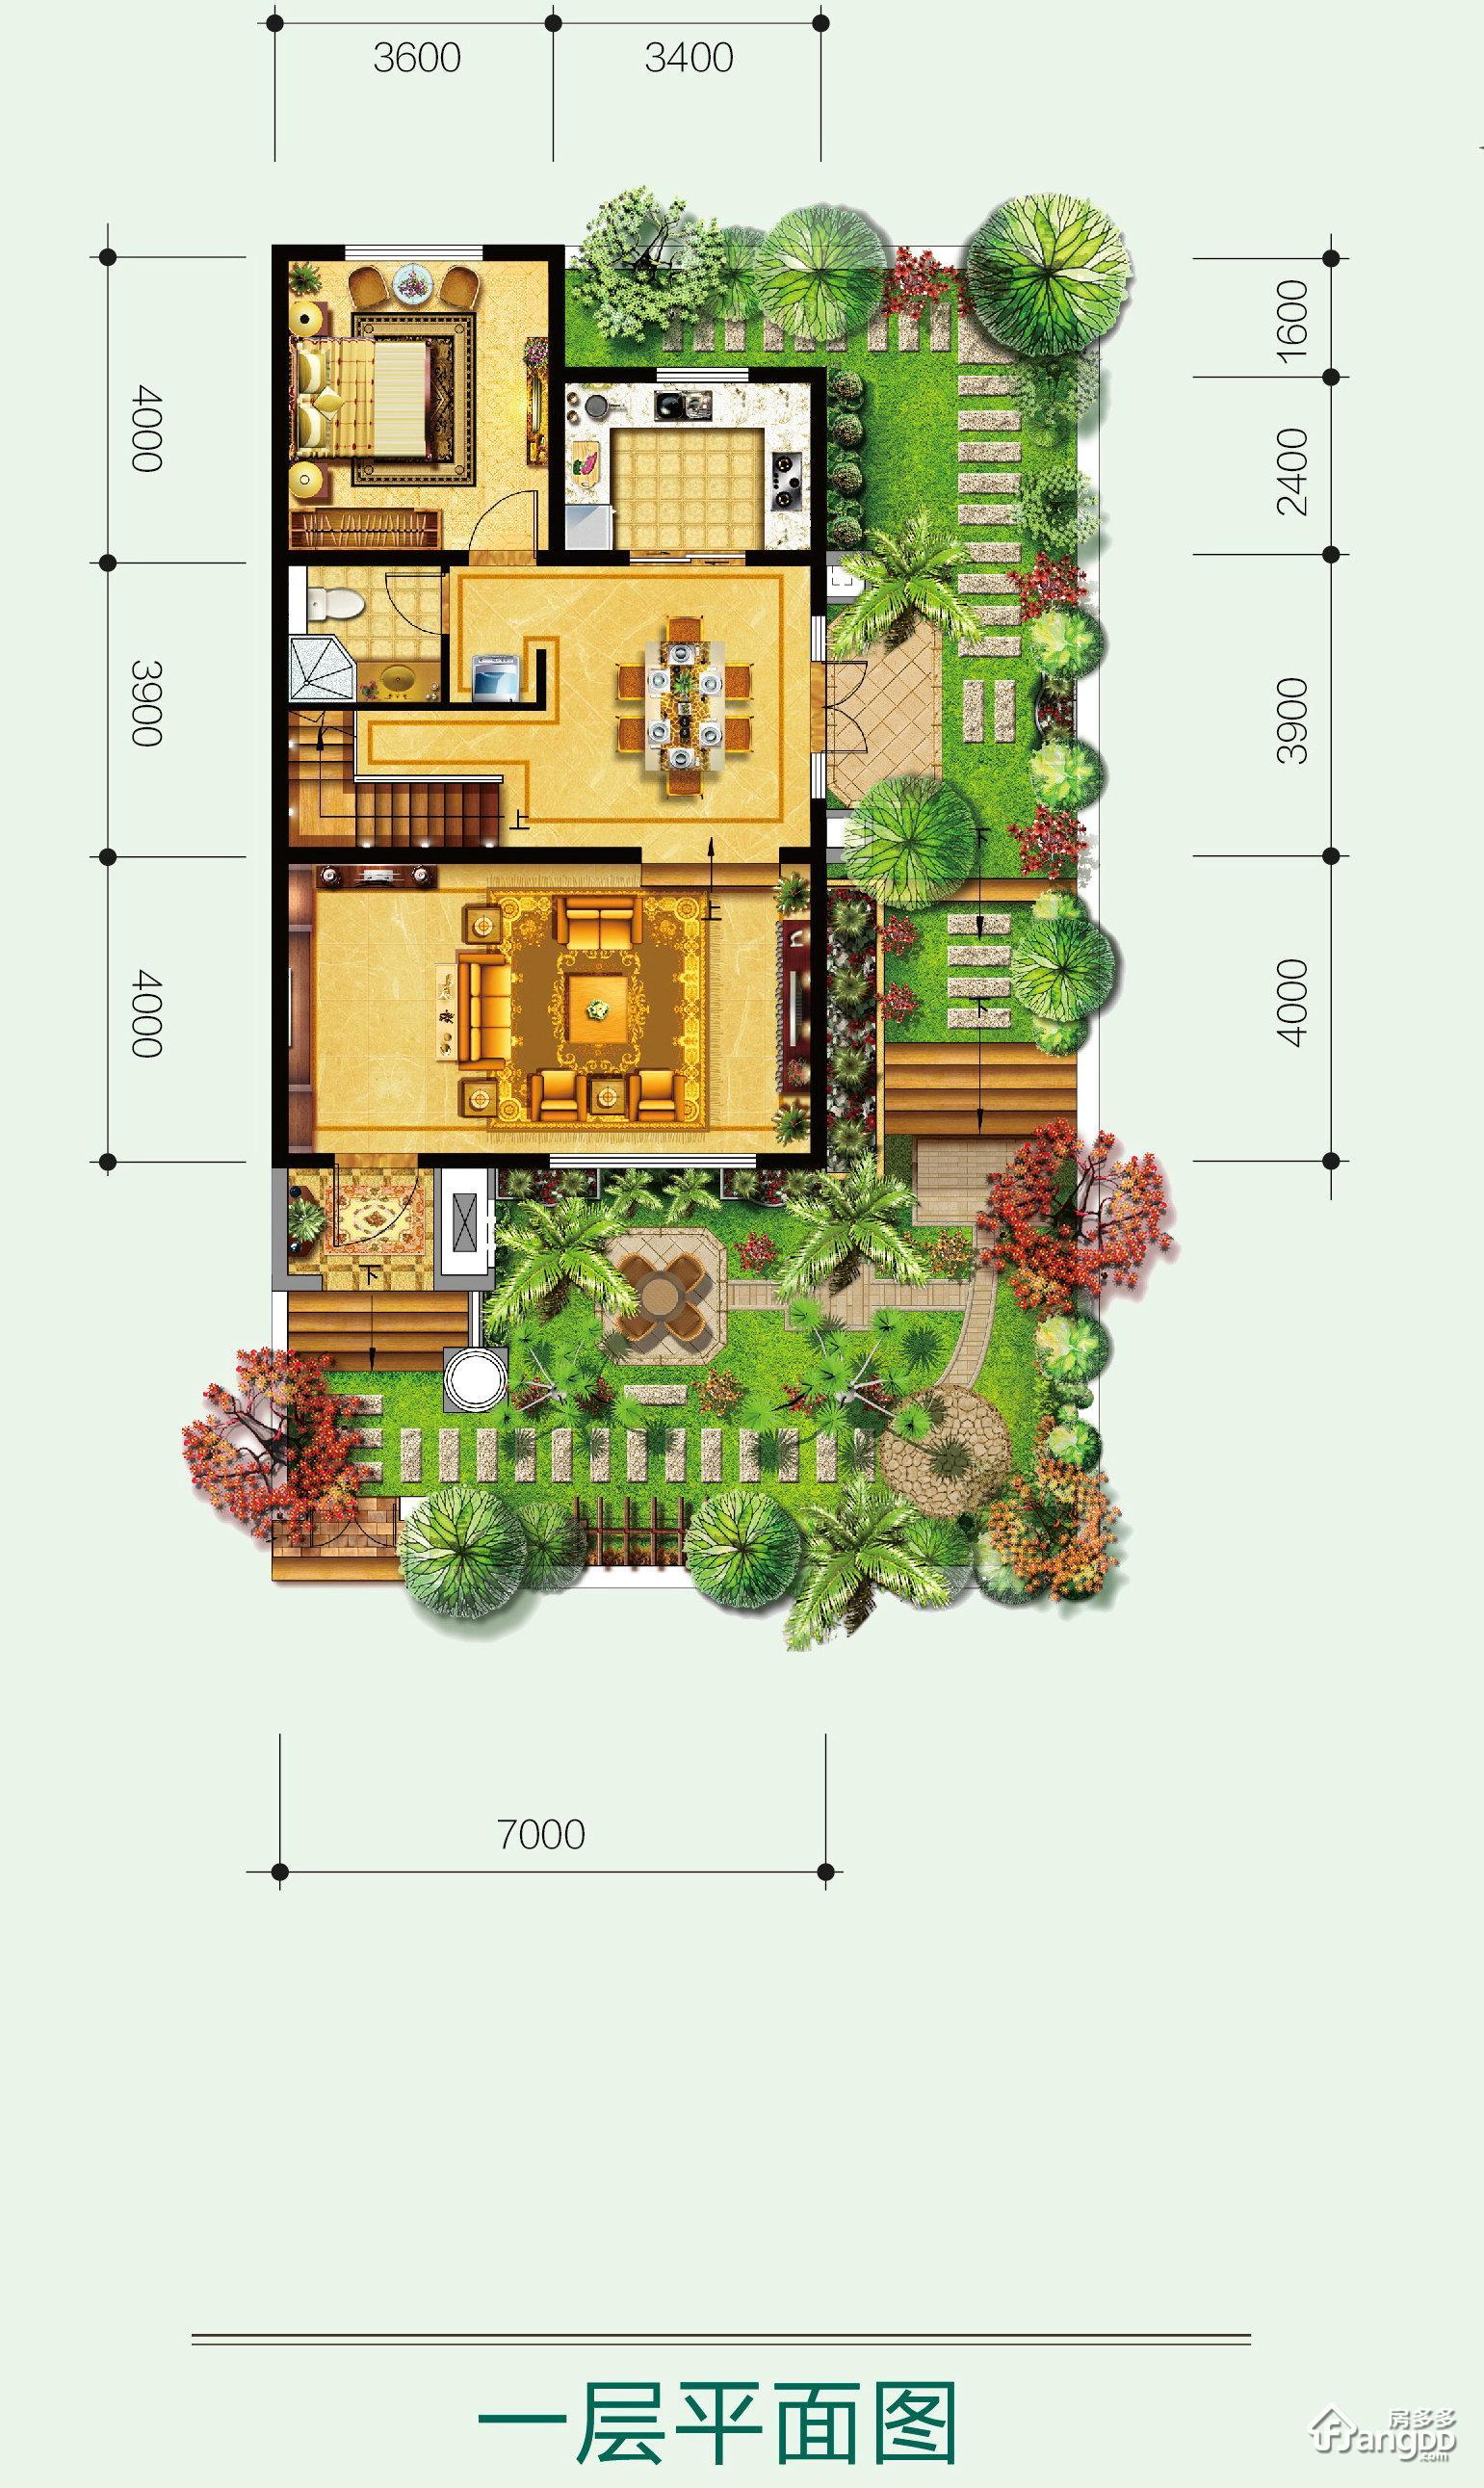 森林新都孔雀城4室2厅4卫户型图